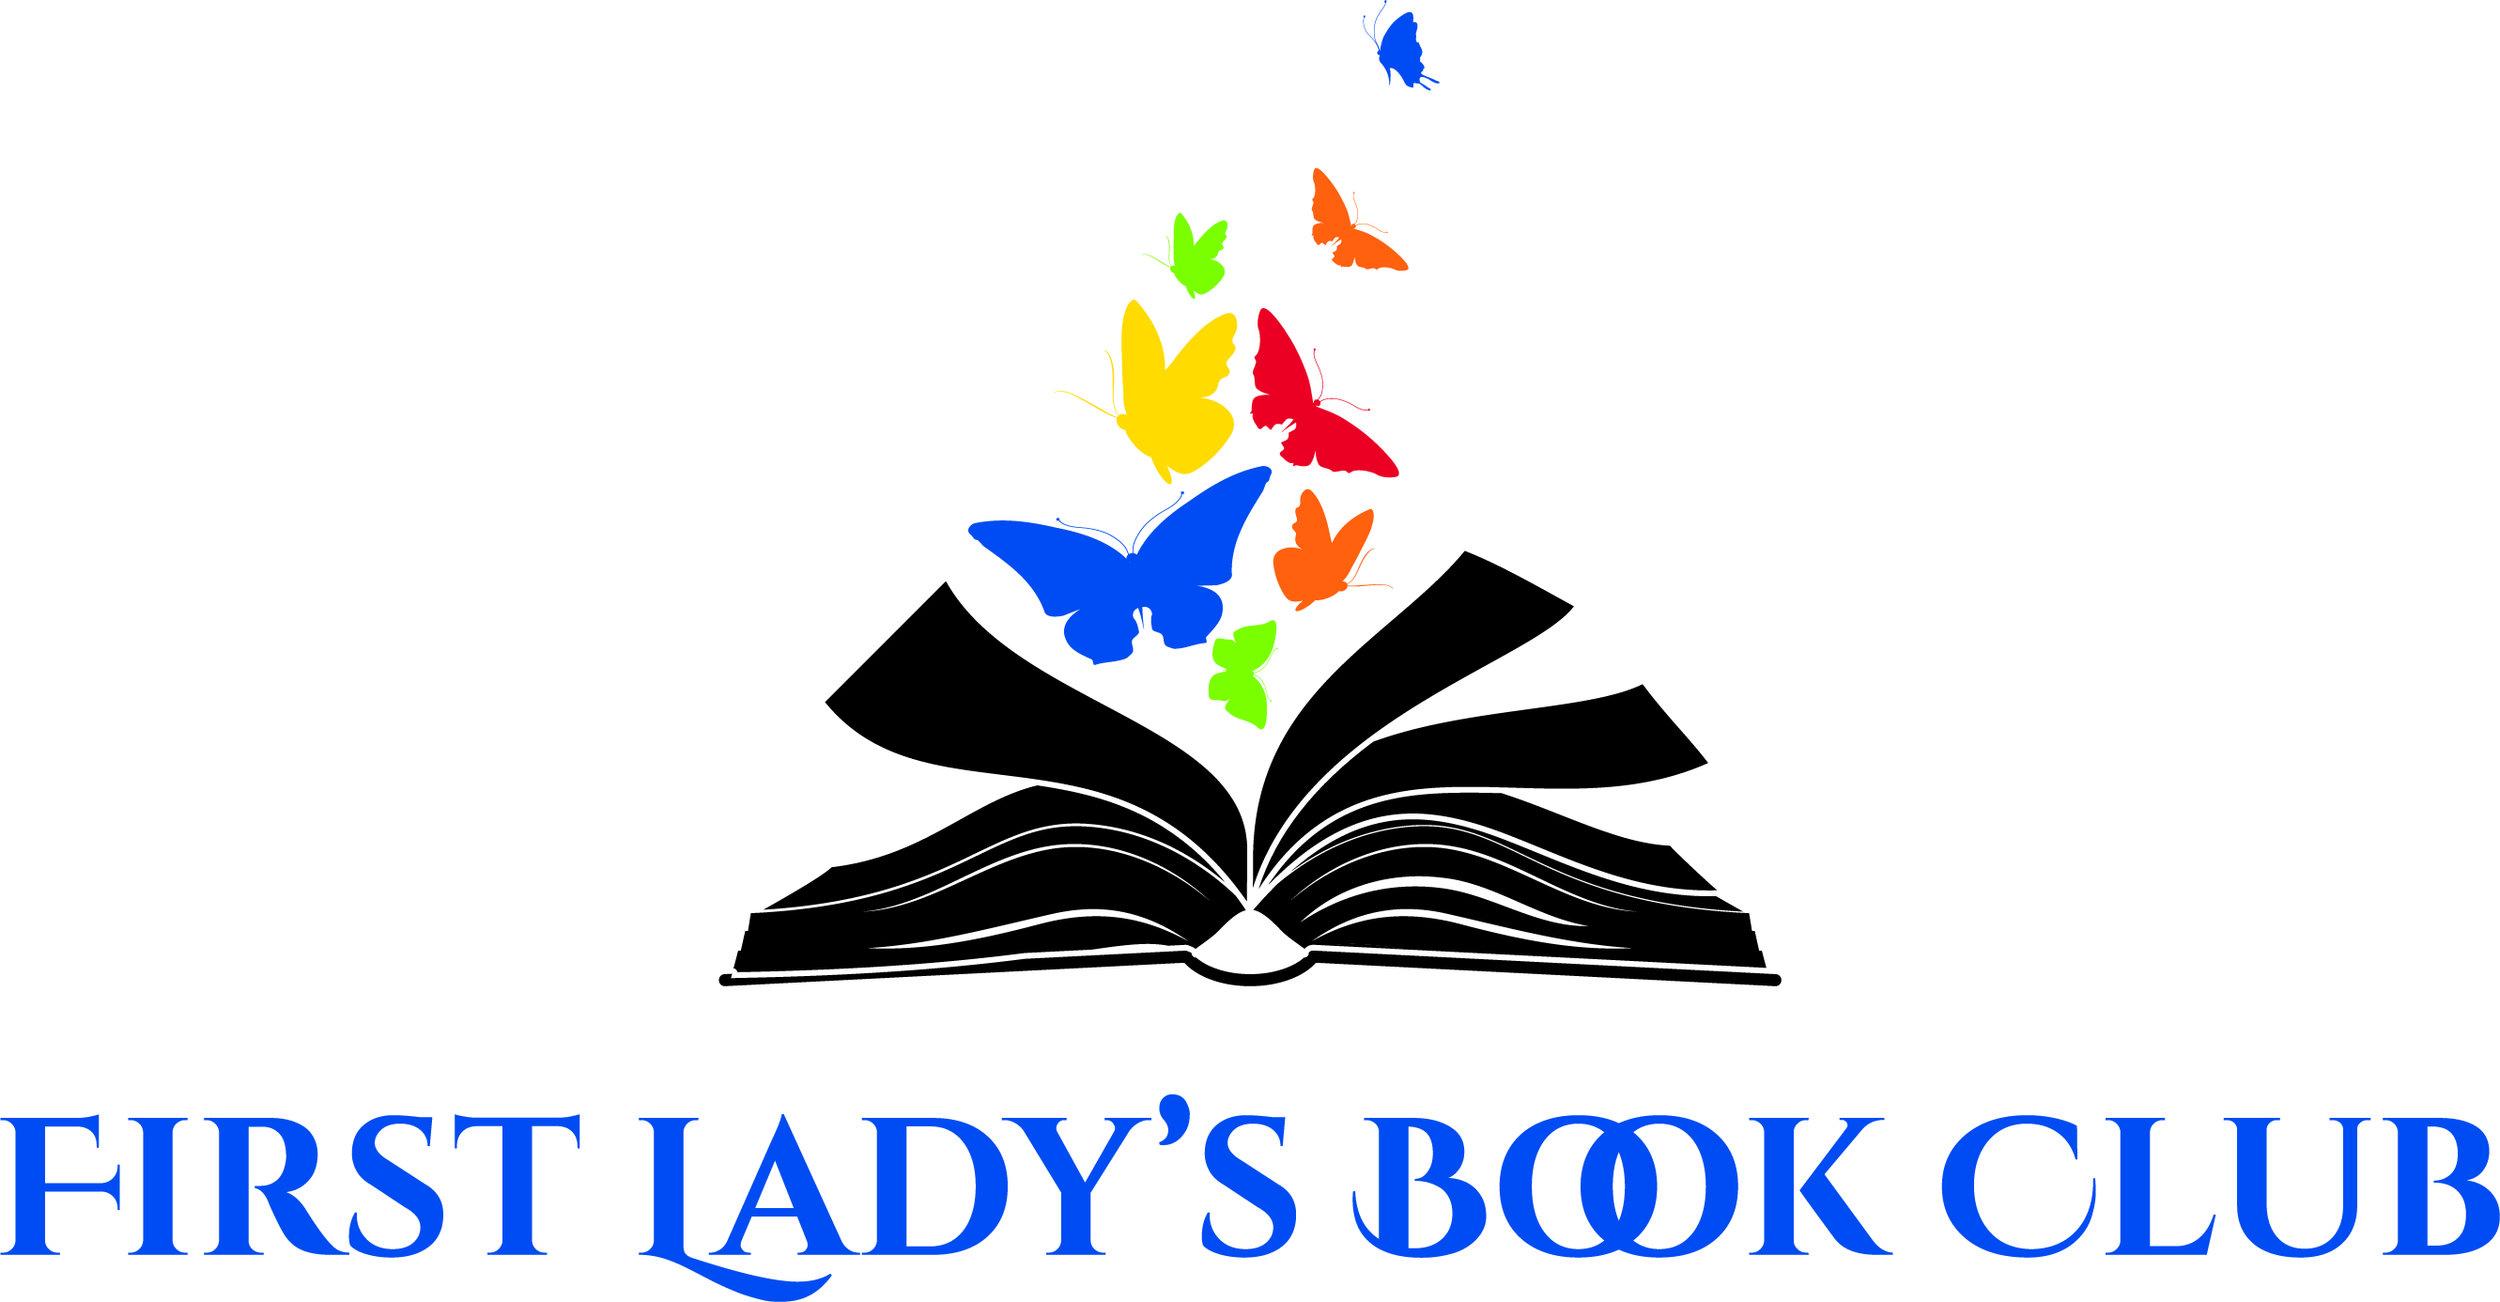 FirstLadysBookClub.jpg